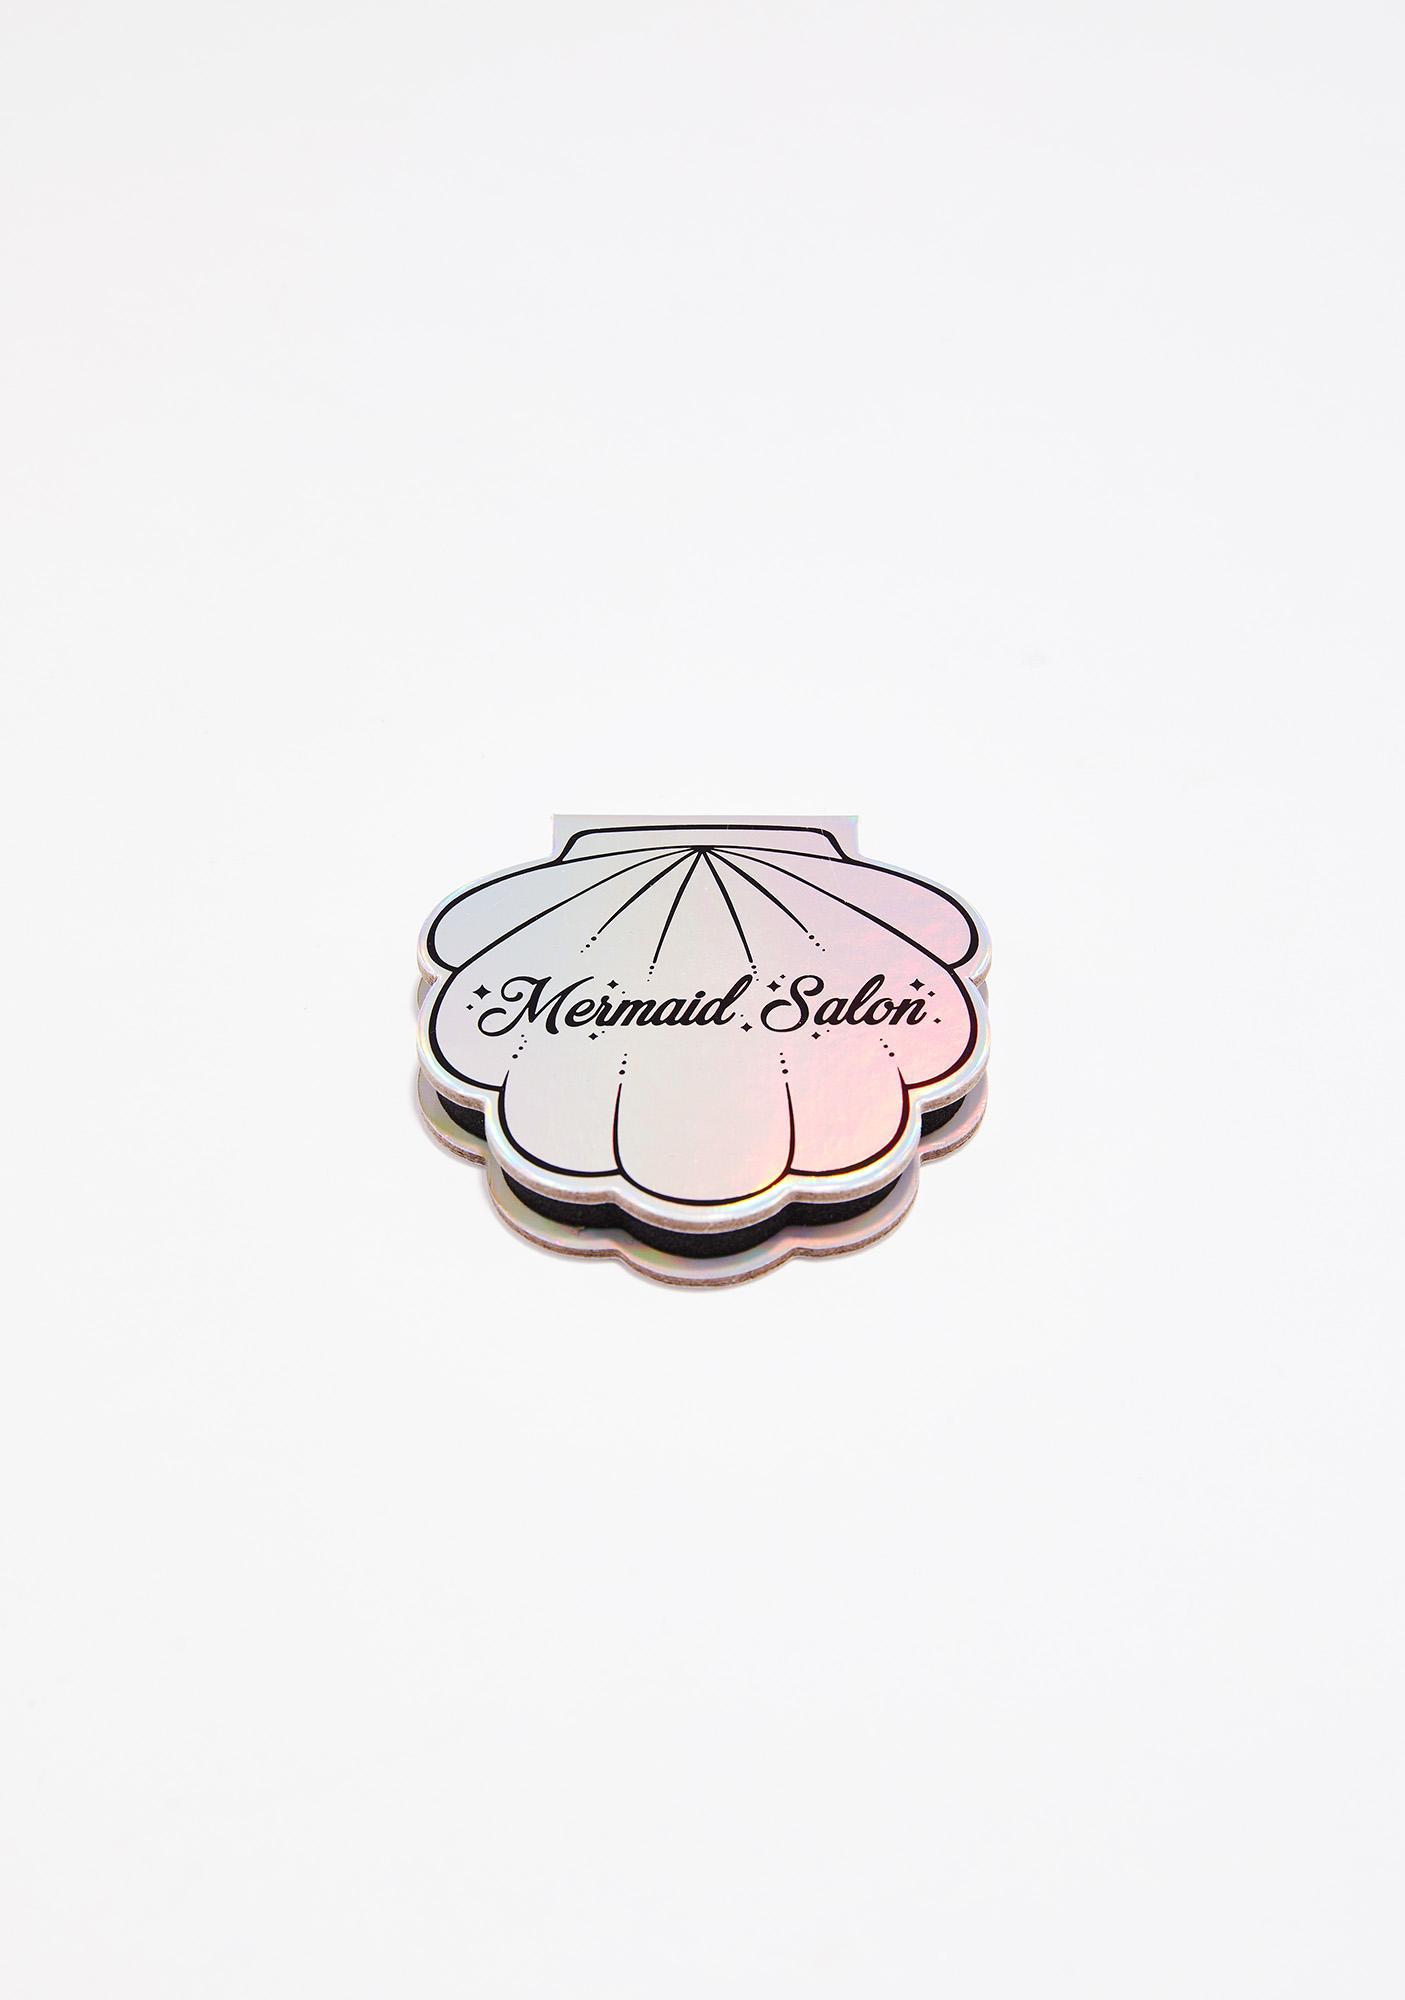 Mermaid Salon Little Tin Goddess Glitter Seashell